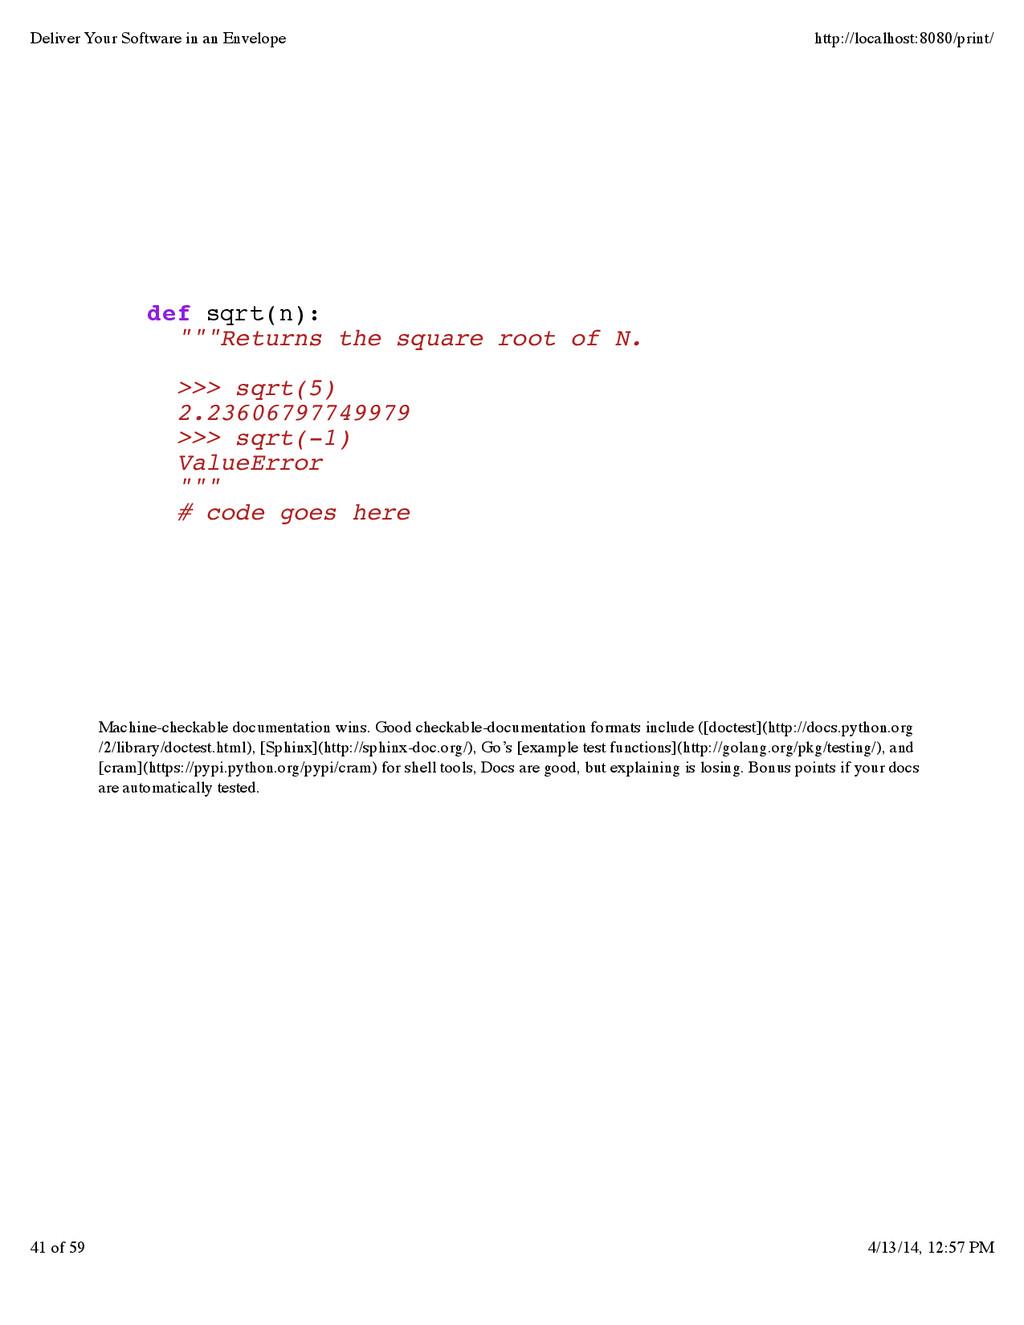 Machine-checkable documentation wins. Good chec...